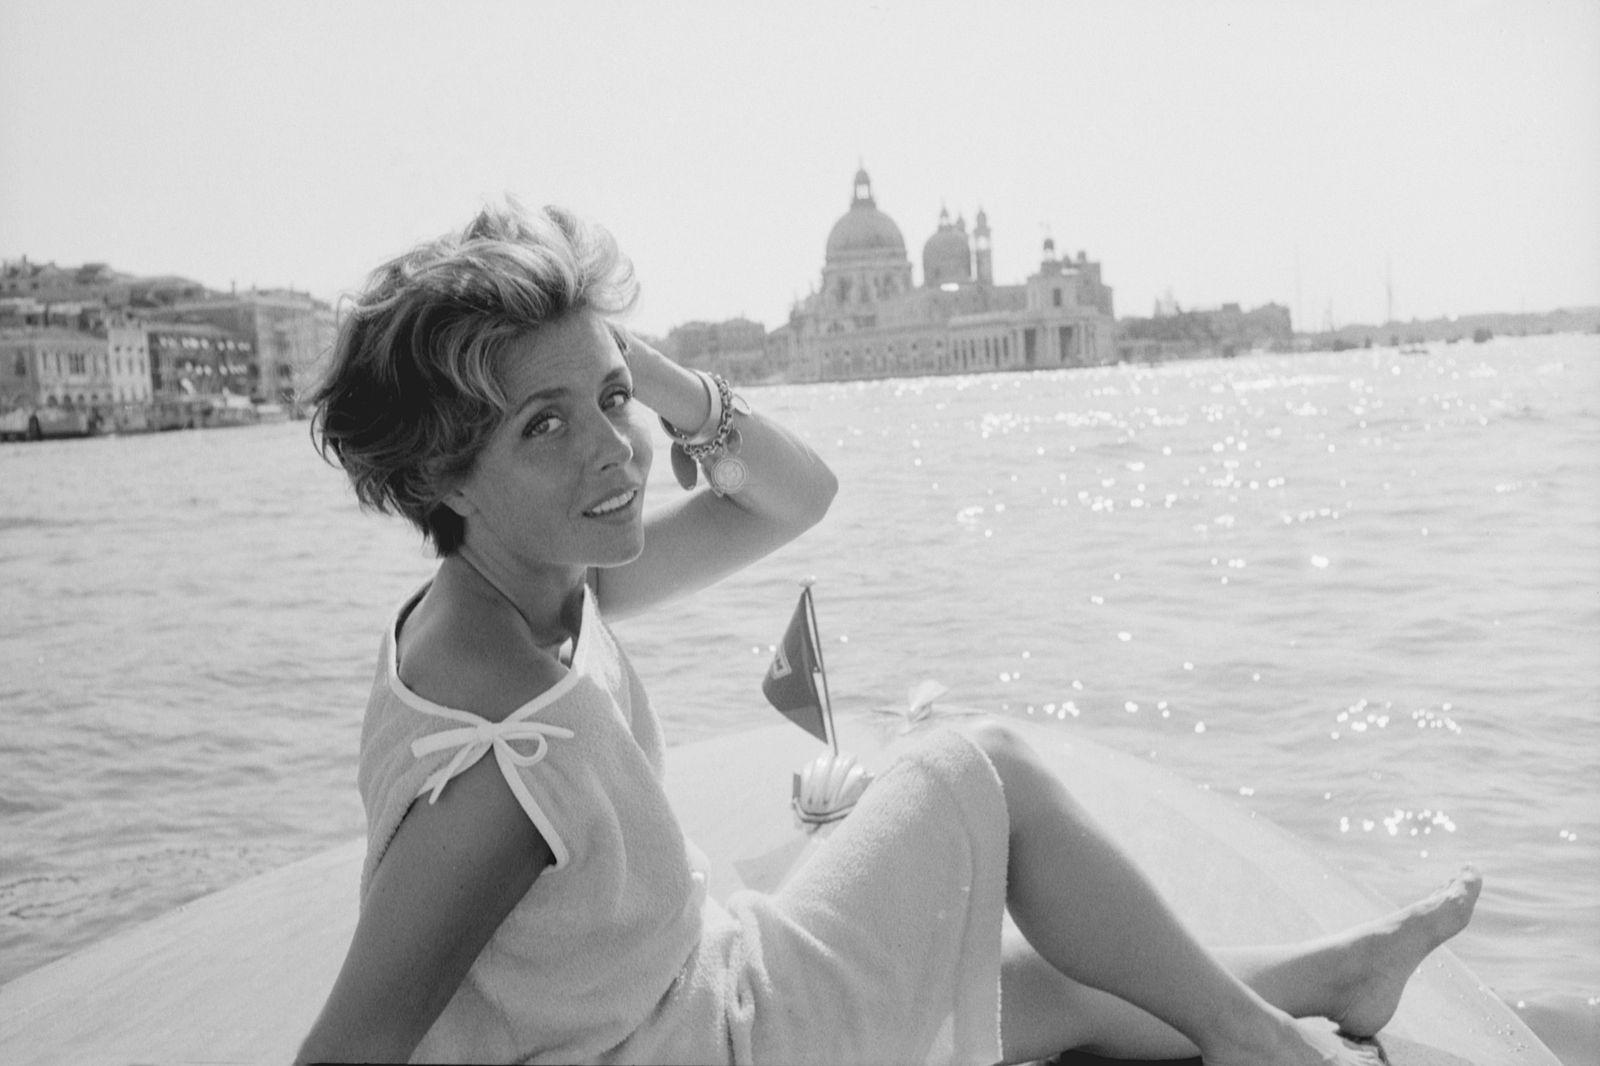 Sonja Ziemann on a motorboat